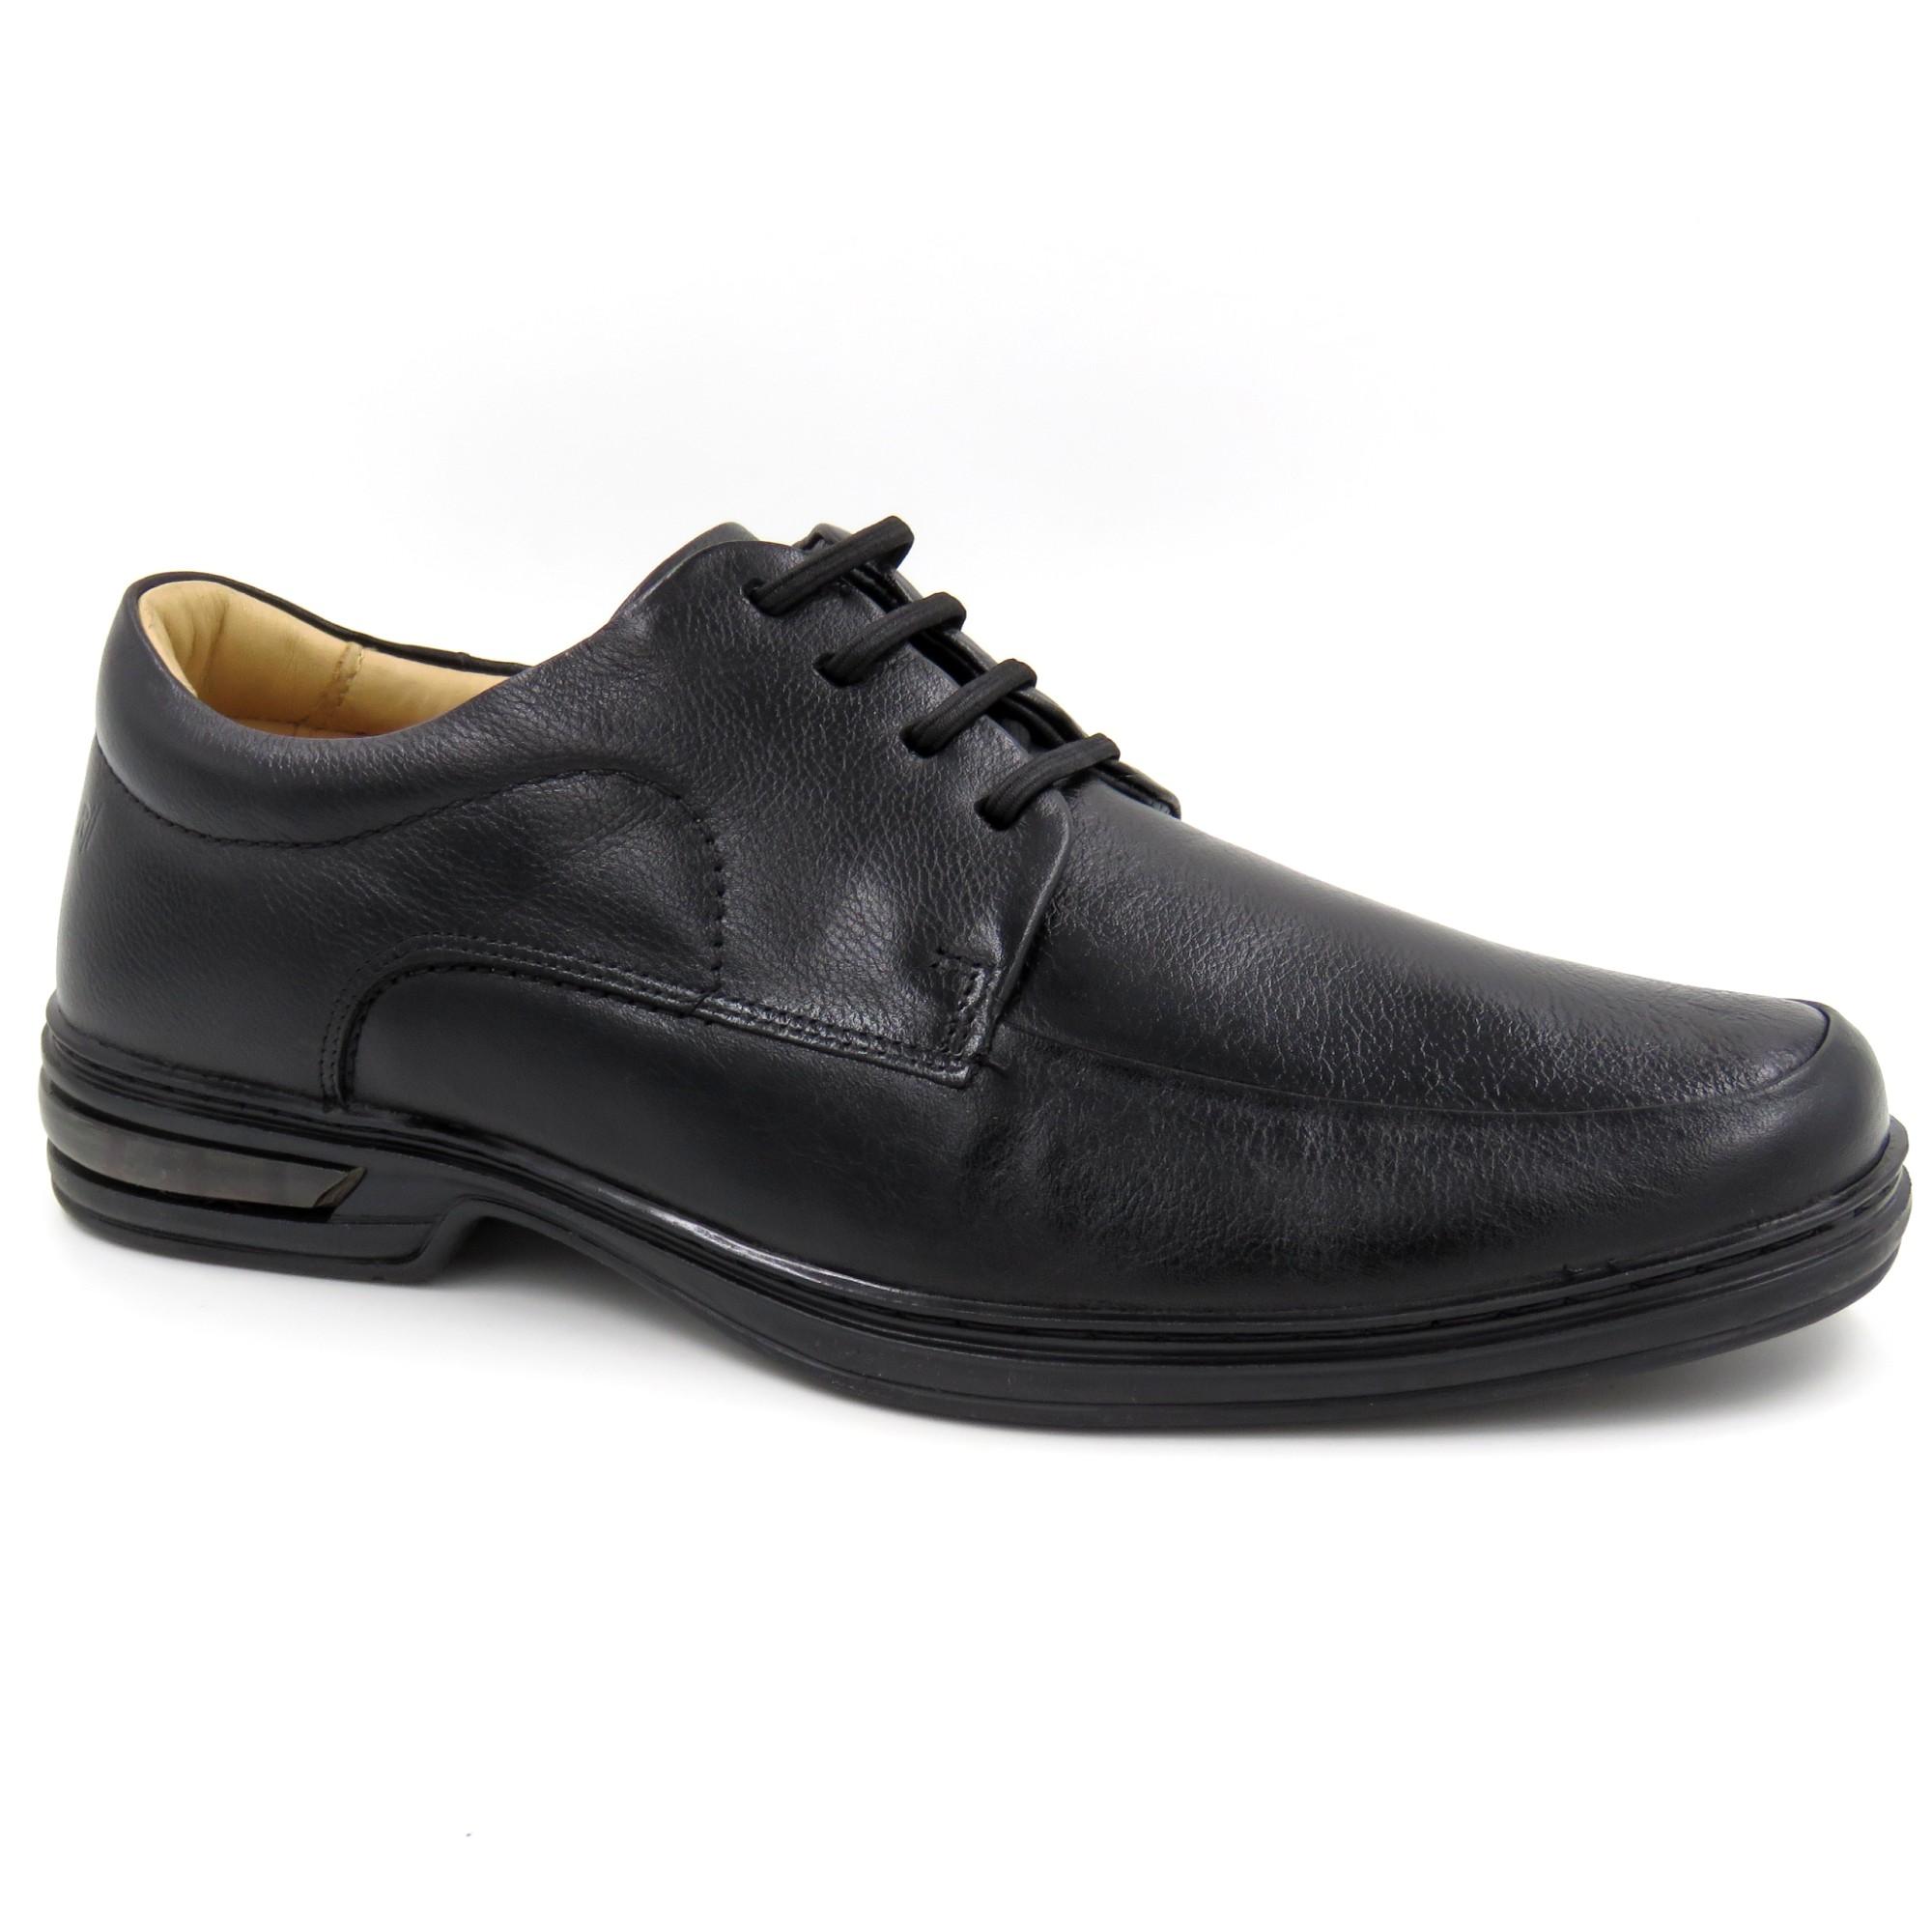 Sapato Duo Air Cadarço Elástico 39007